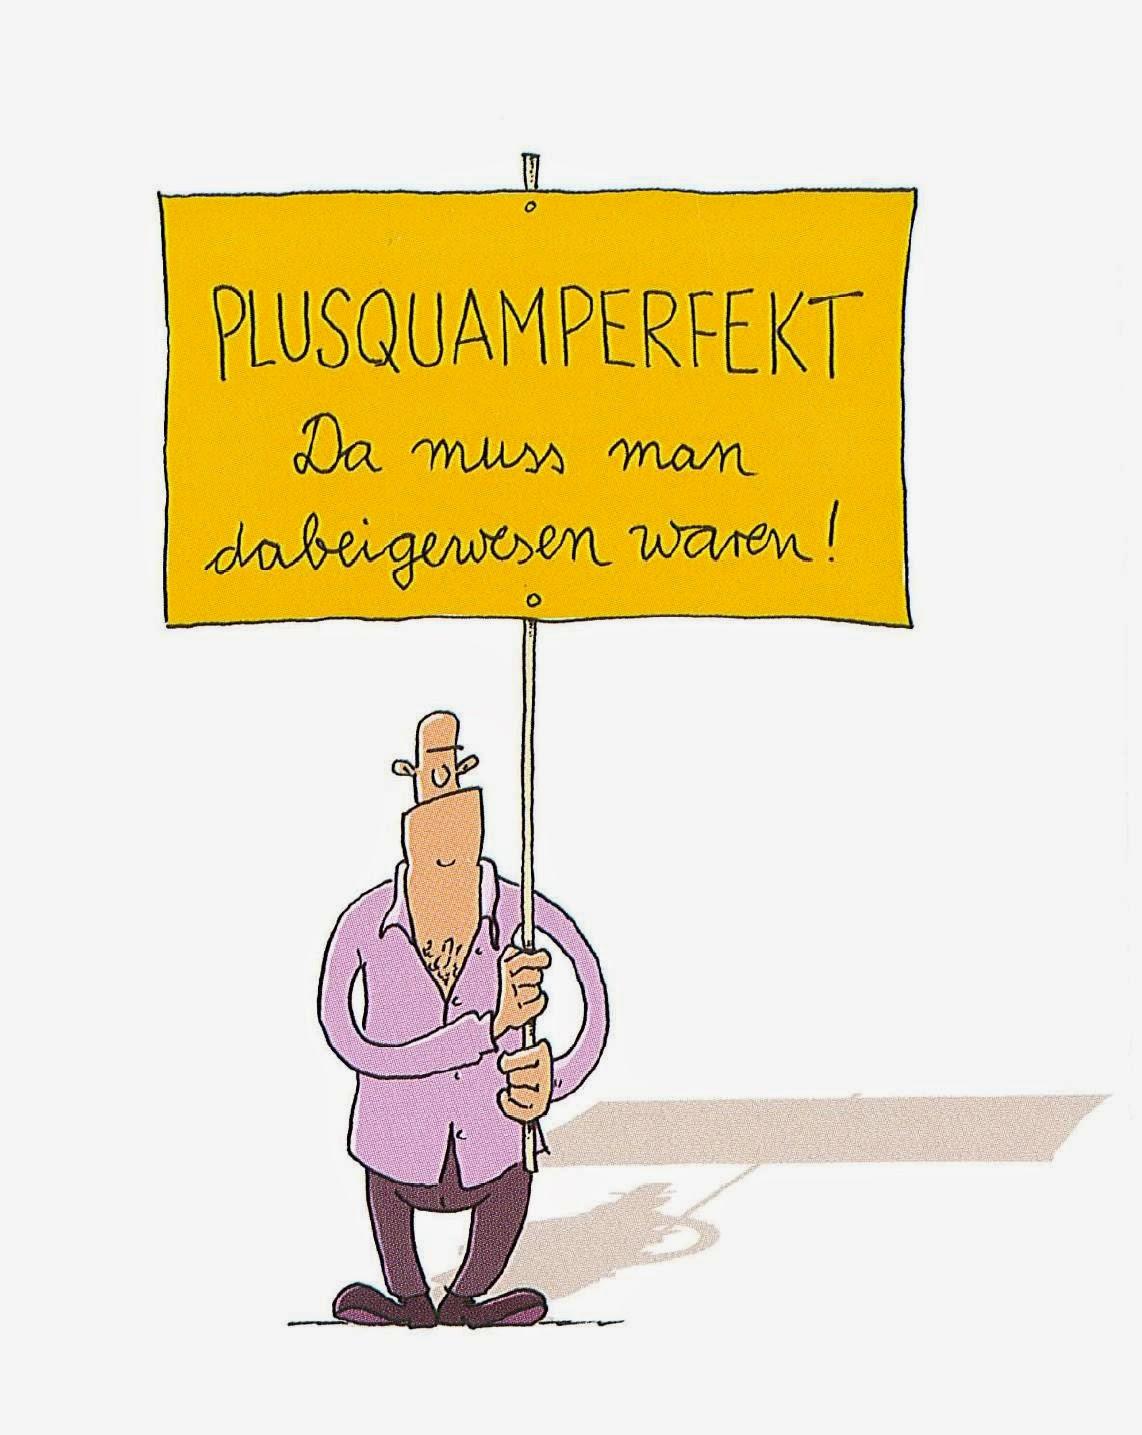 meet plusquamperfekt